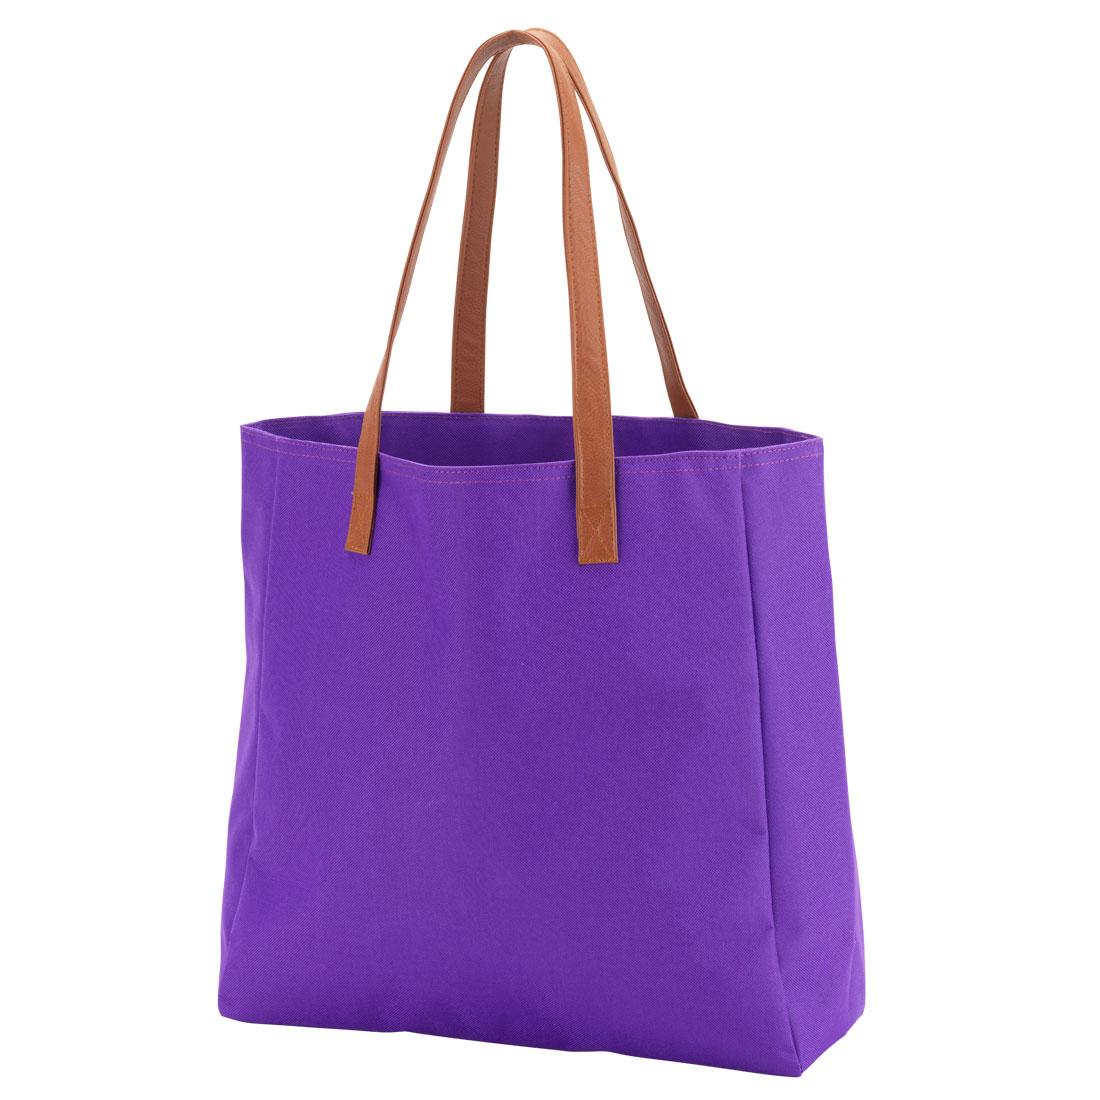 tailgate tote bag